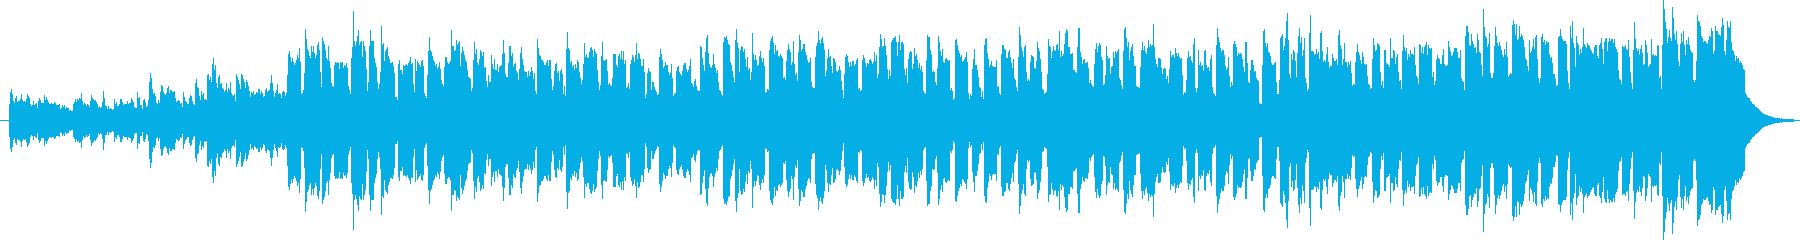 メランコリック。地下ポップ。の再生済みの波形